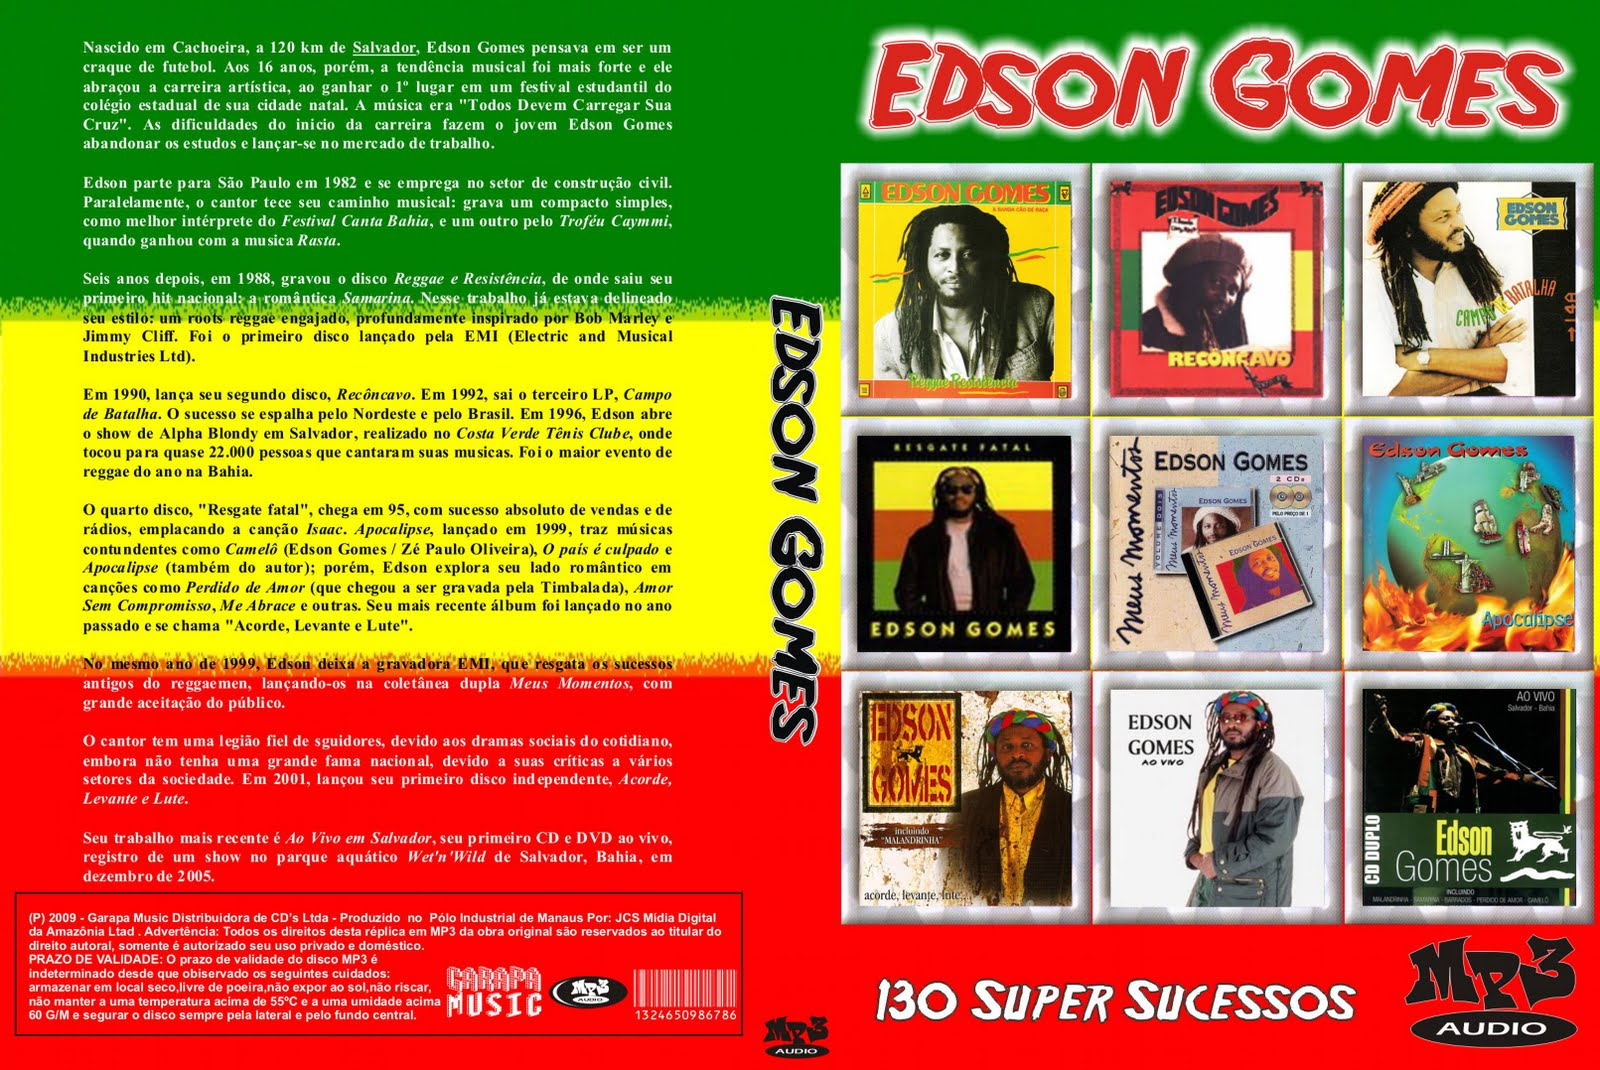 cd edson gomes discografia